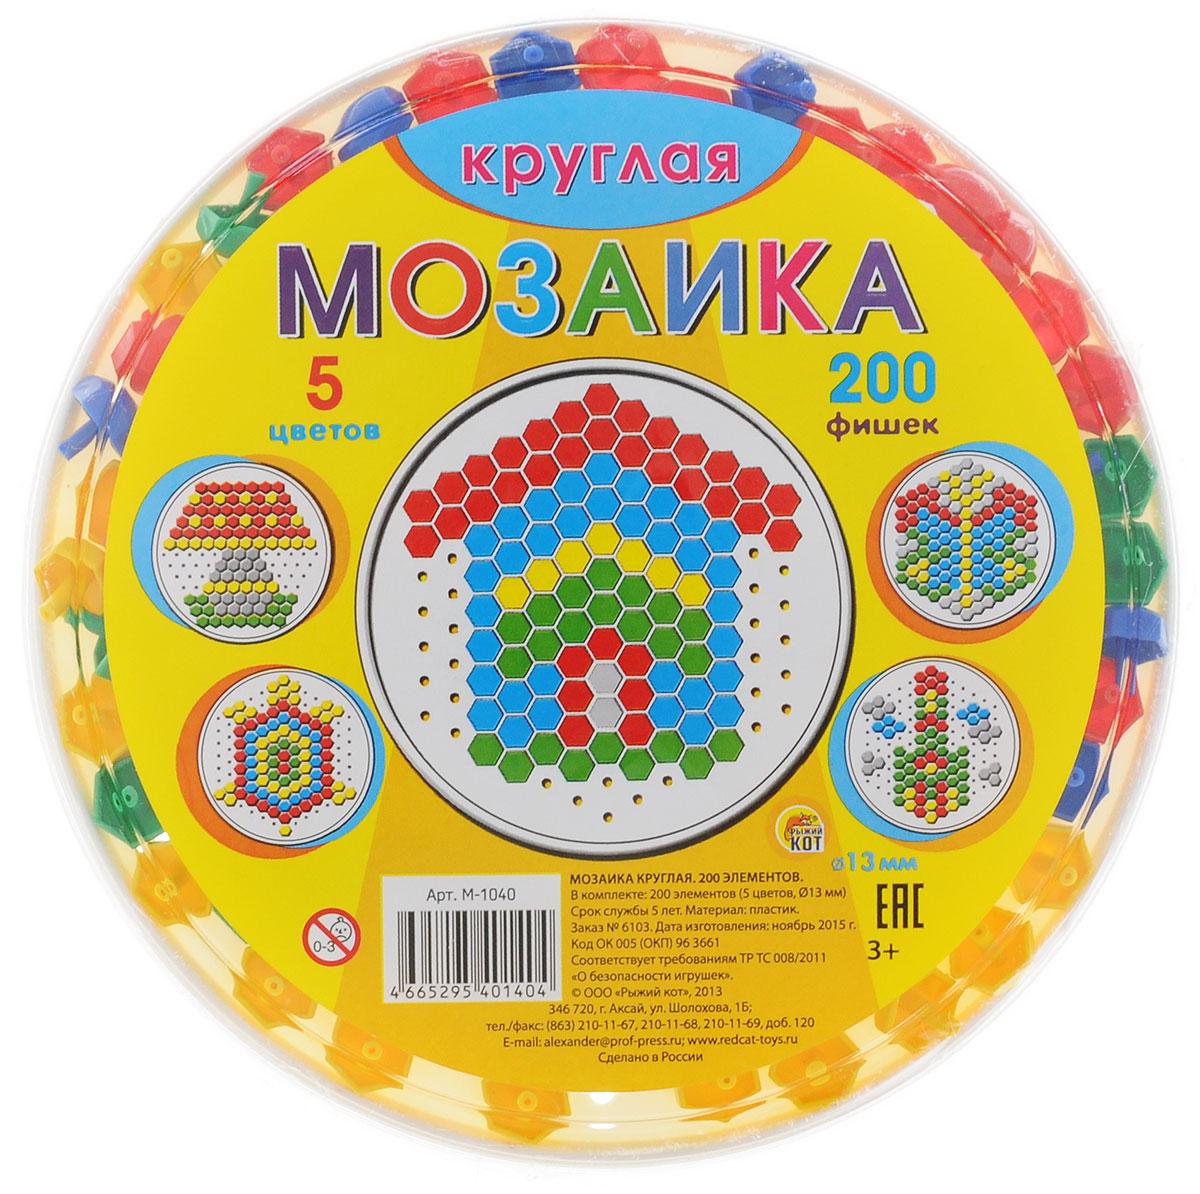 Рыжий Кот Мозаика 200 фишек М-0140М-0140Мозаика Рыжий Кот - круглая пластиковая мозаика, которая станет замечательной игрушкой для вашего ребенка! Она прекрасно развивает творческое воображение, абстрактное и логическое мышление, внимание, мелкую моторику рук, а также учит различать цвета и оттенки. Мозаика обязательно понравится ребенку яркими деталями, хорошим качеством и разными вариантами складывания изображений! Мозаика предназначается для детей от трех лет под присмотром взрослых. В набор входят 200 фишек пяти различных цветов.